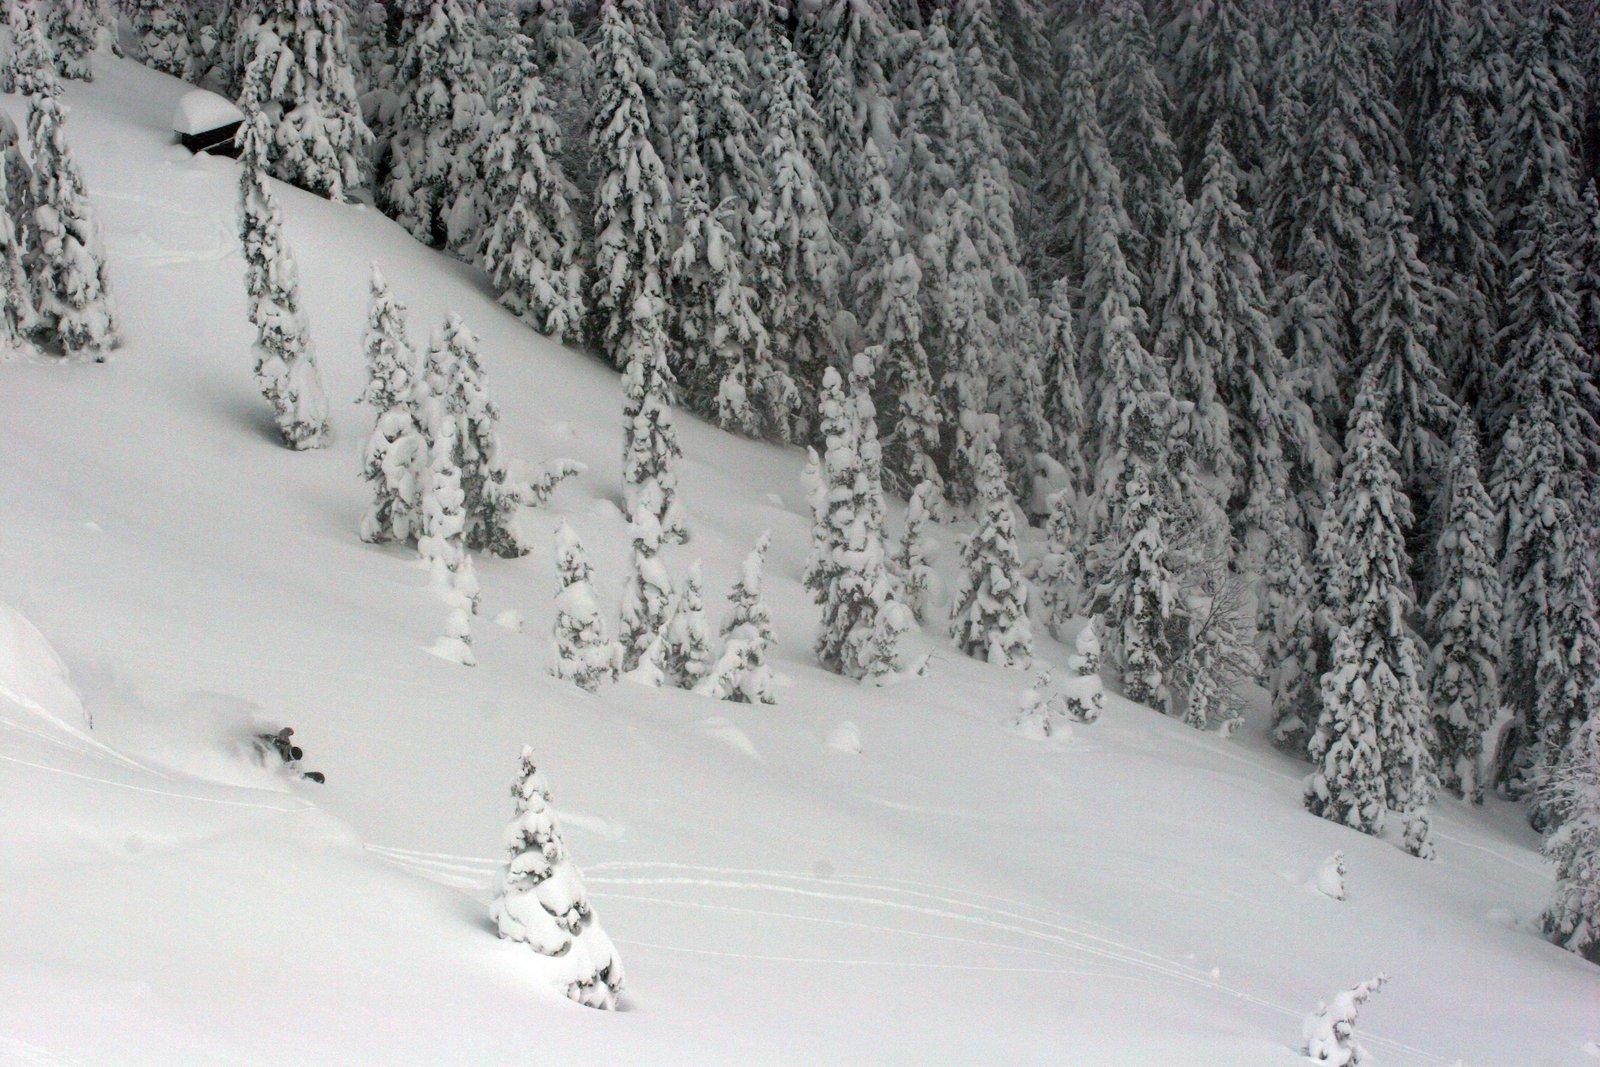 Snowboard turn far